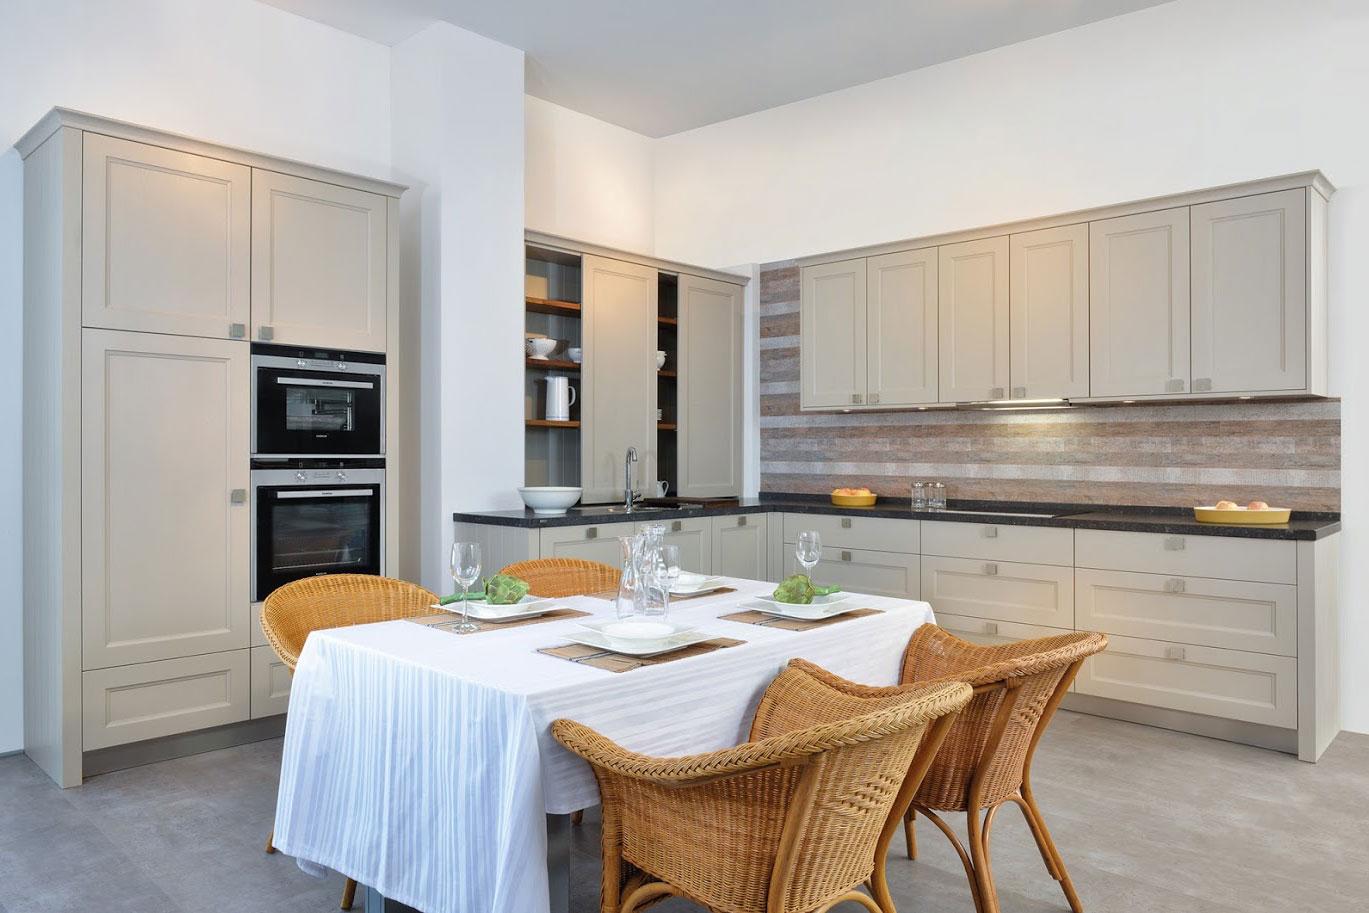 Großartig Kücheninseln Und Karren Uk Fotos - Küche Set Ideen ...